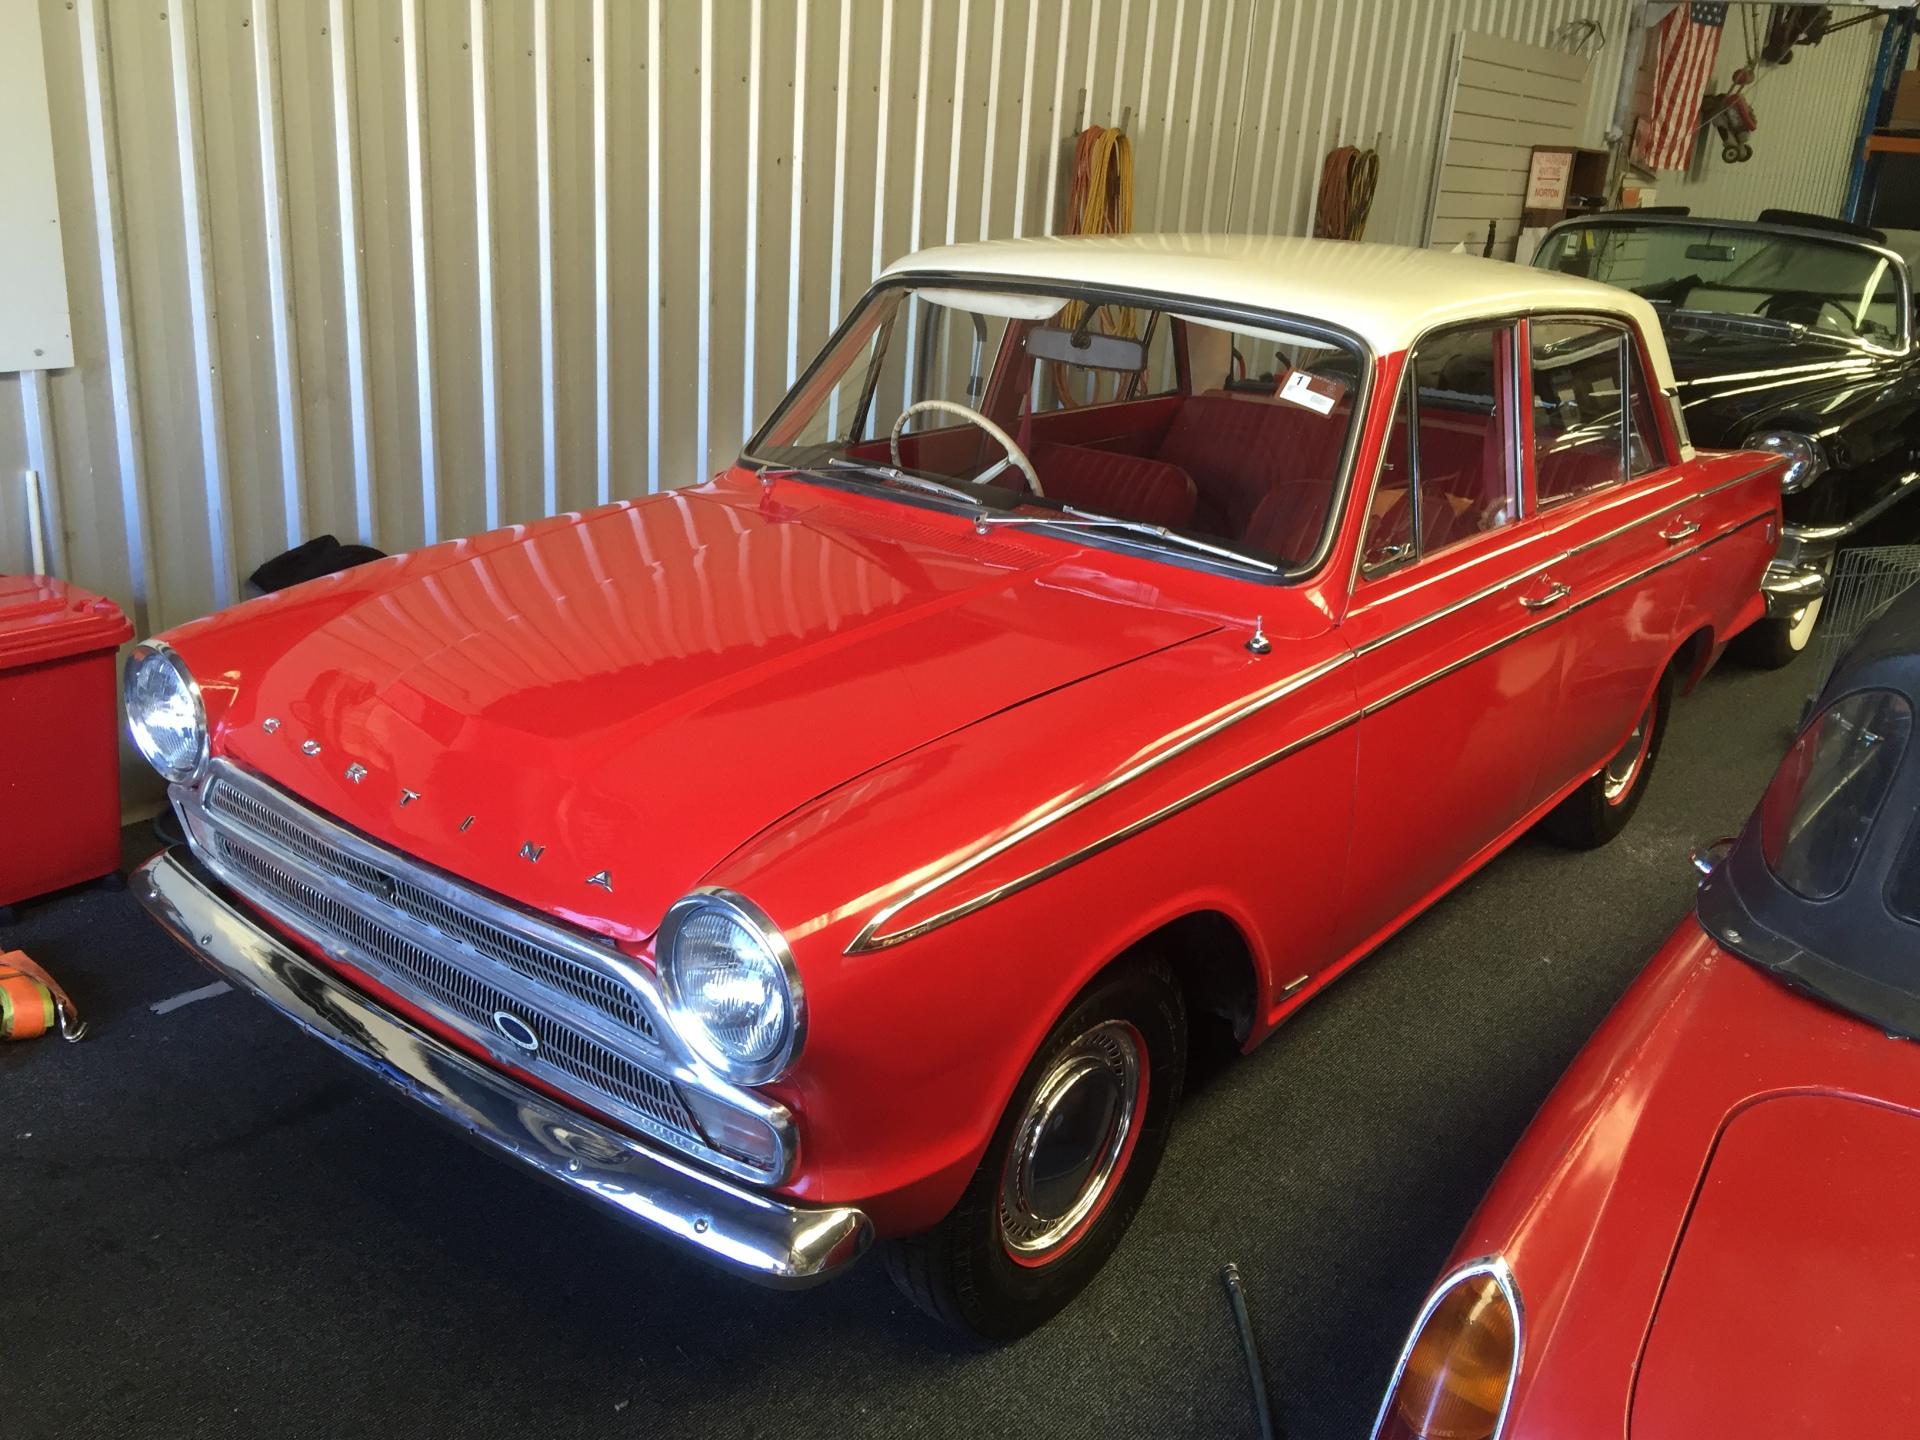 1959 Ford Consul Ute